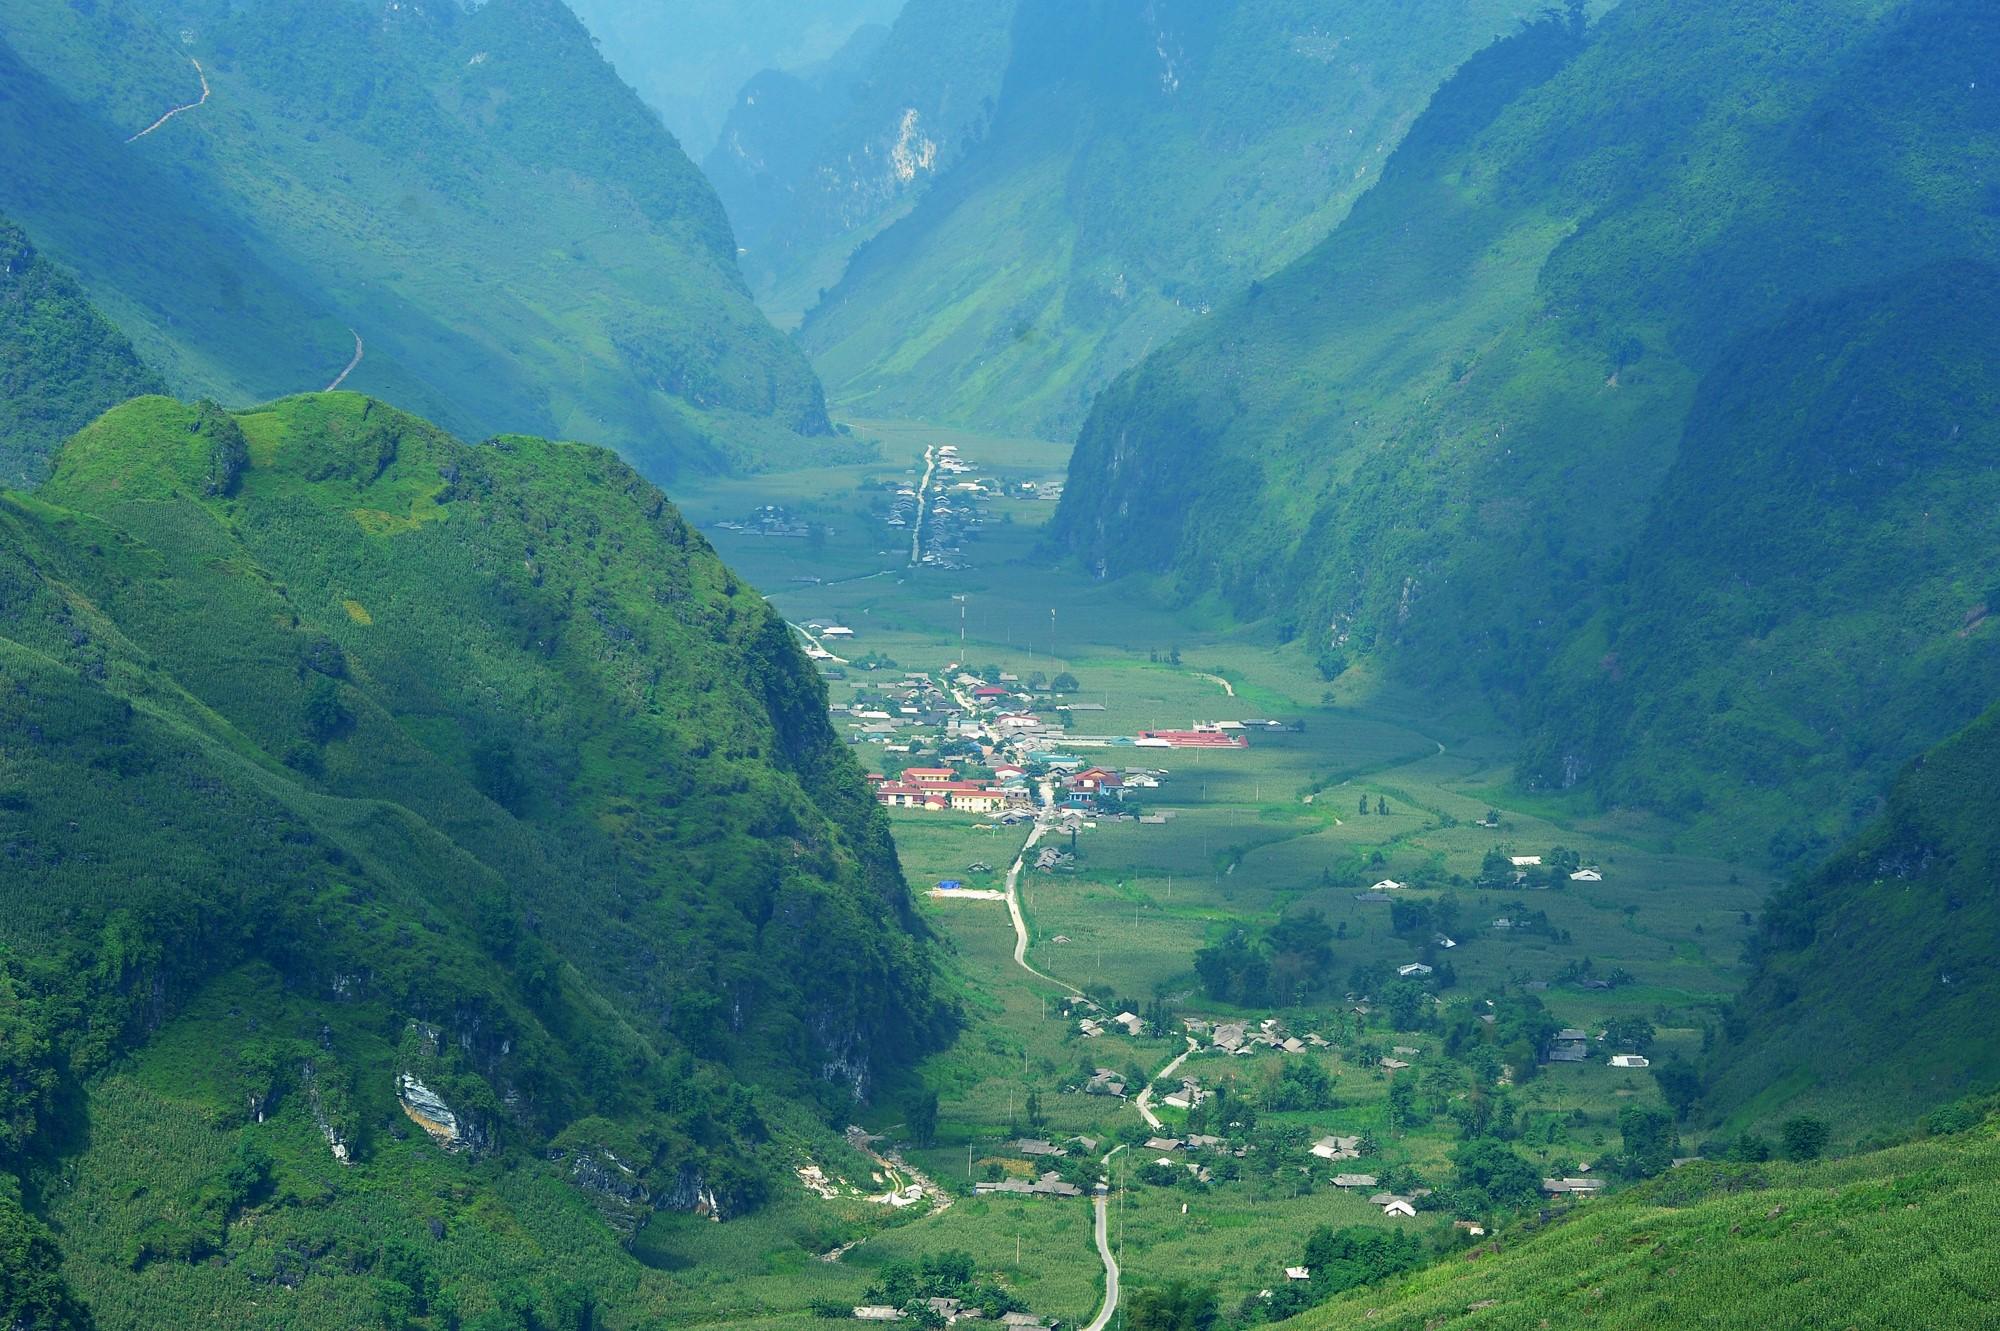 Mùa ngô xanh mướt trên cao nguyên đá Đồng Văn - 3